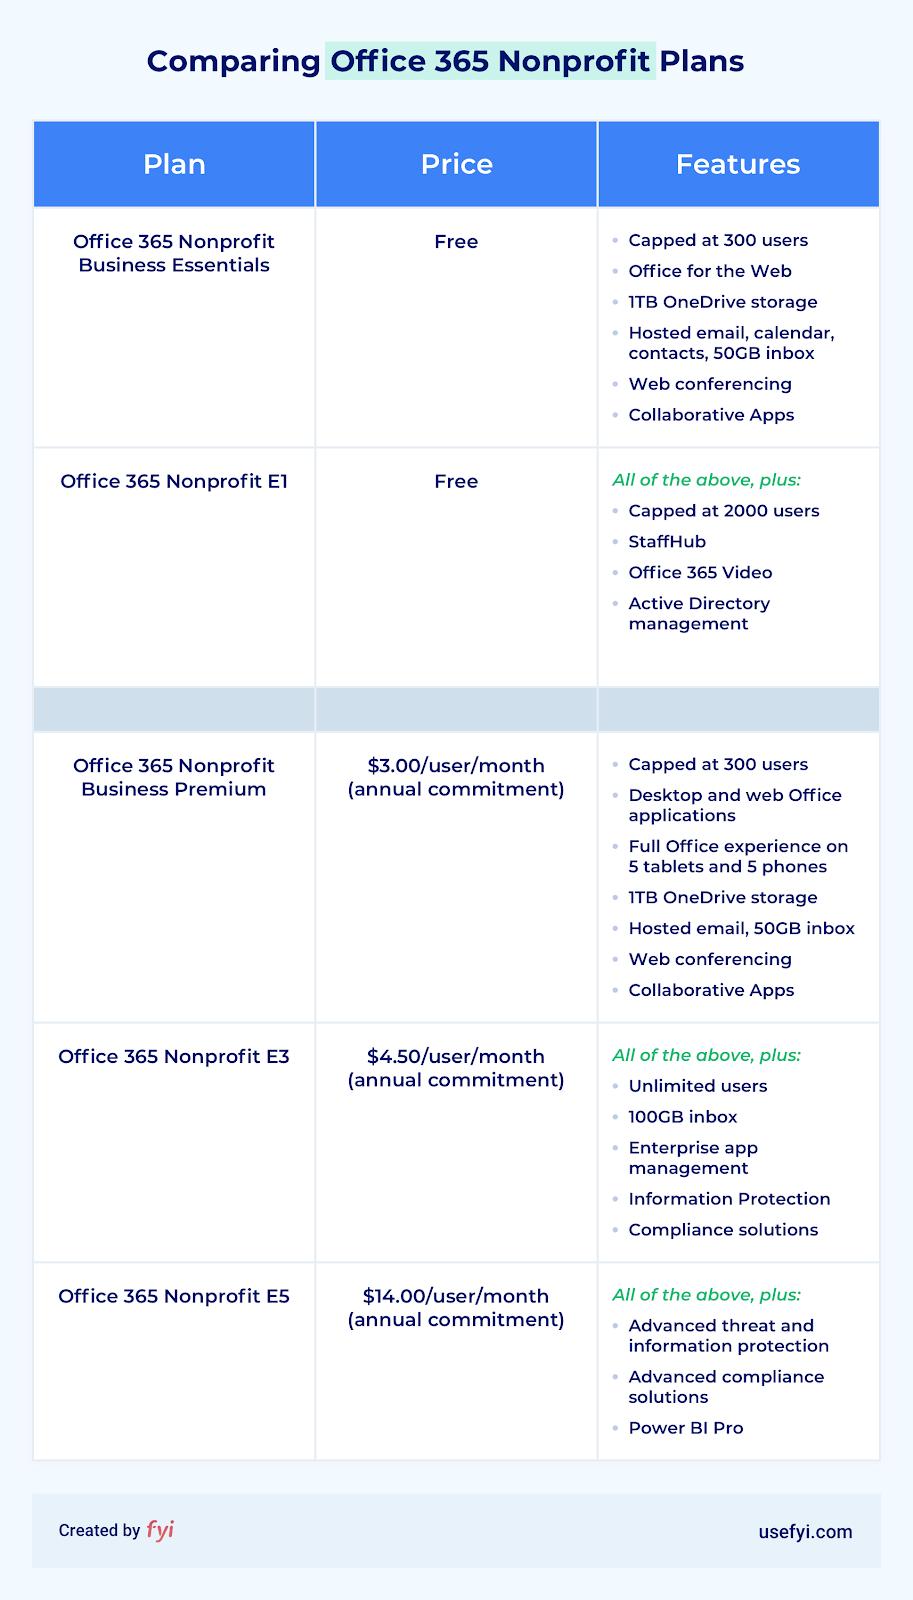 office 365 nonprofit plan comparison table